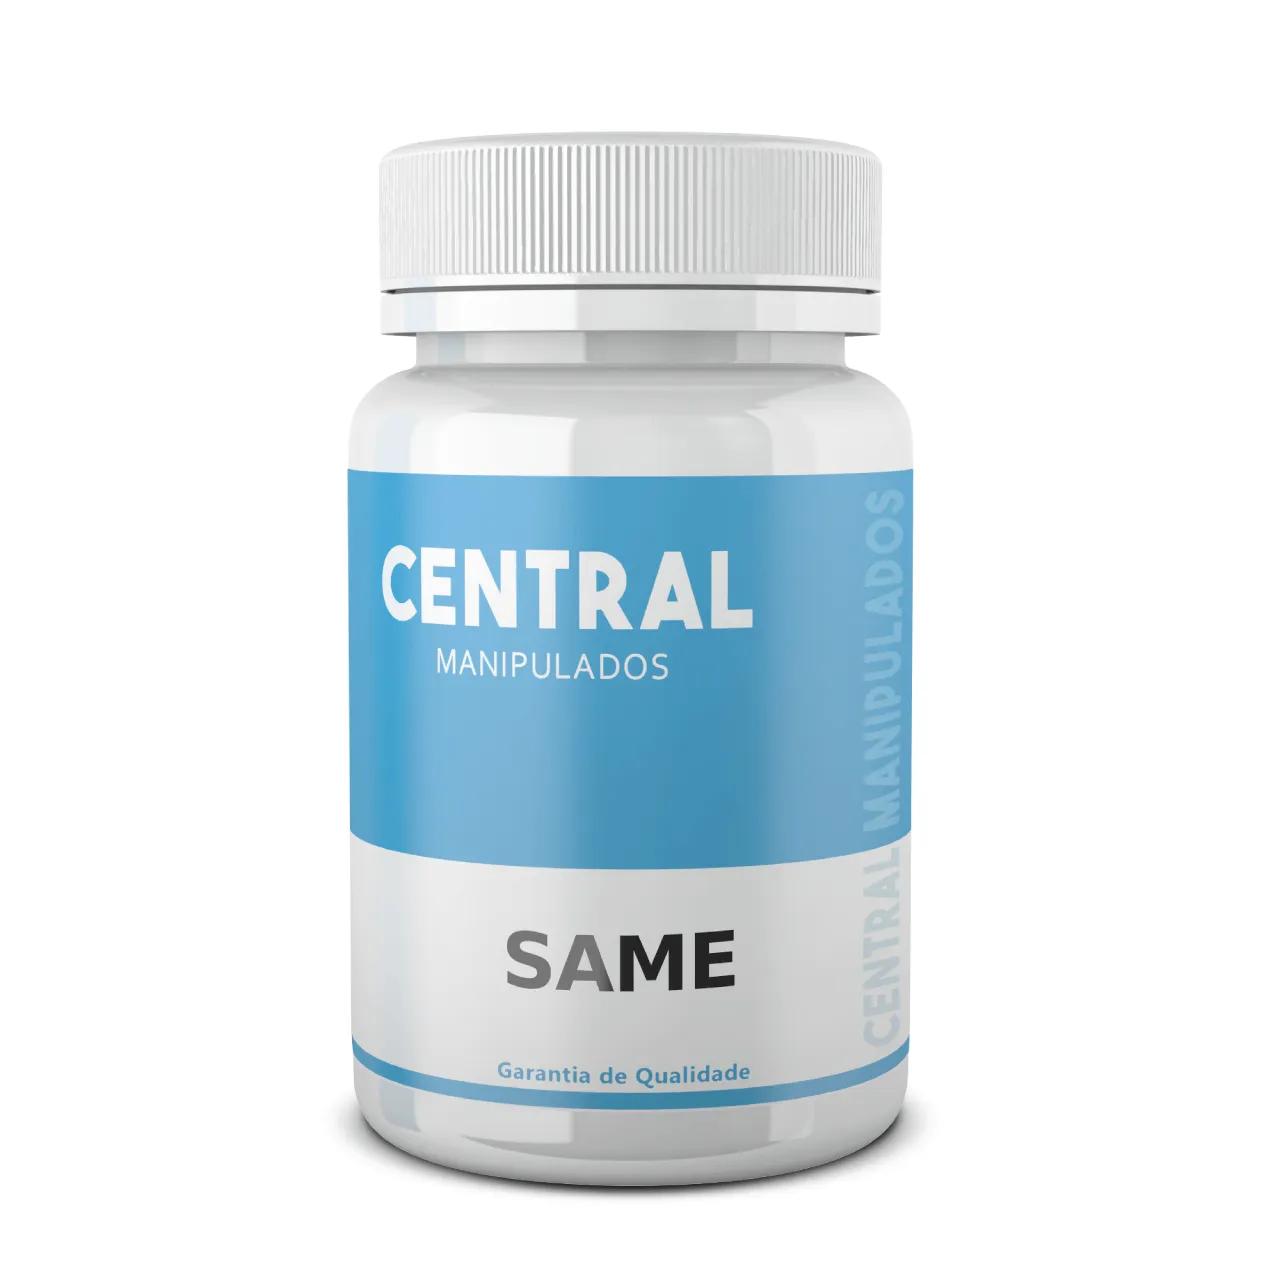 SAME 200mg - 120 Cápsulas - Tratamento de Dores Articulares, Fibromialgia e Distúrbios Depressivos